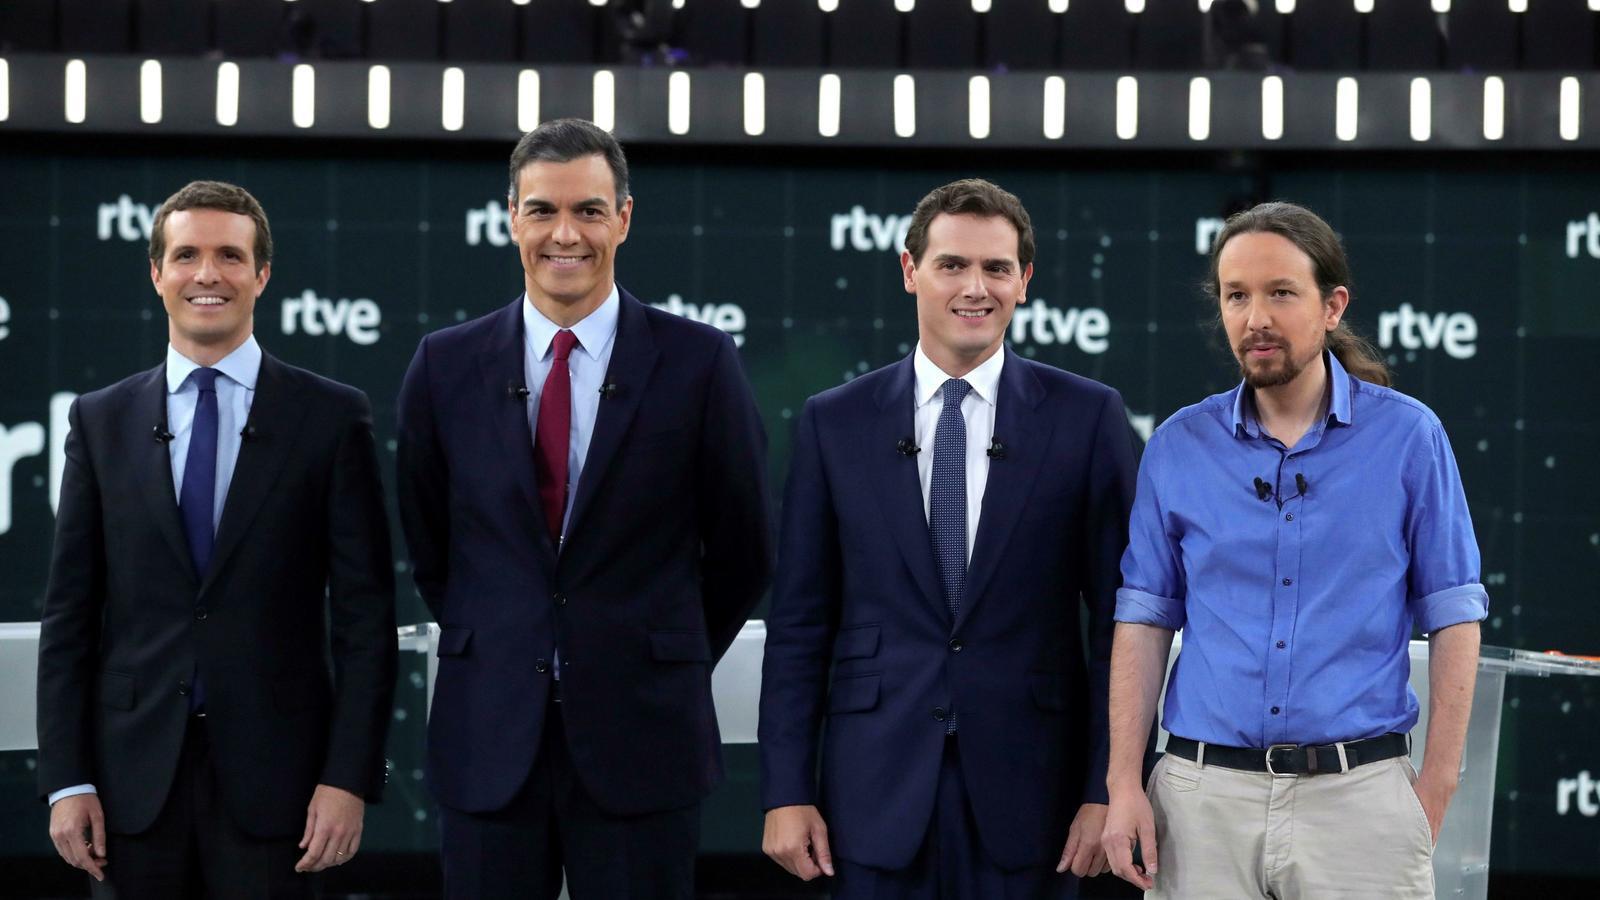 Els quatre candidats en el debat de TVE